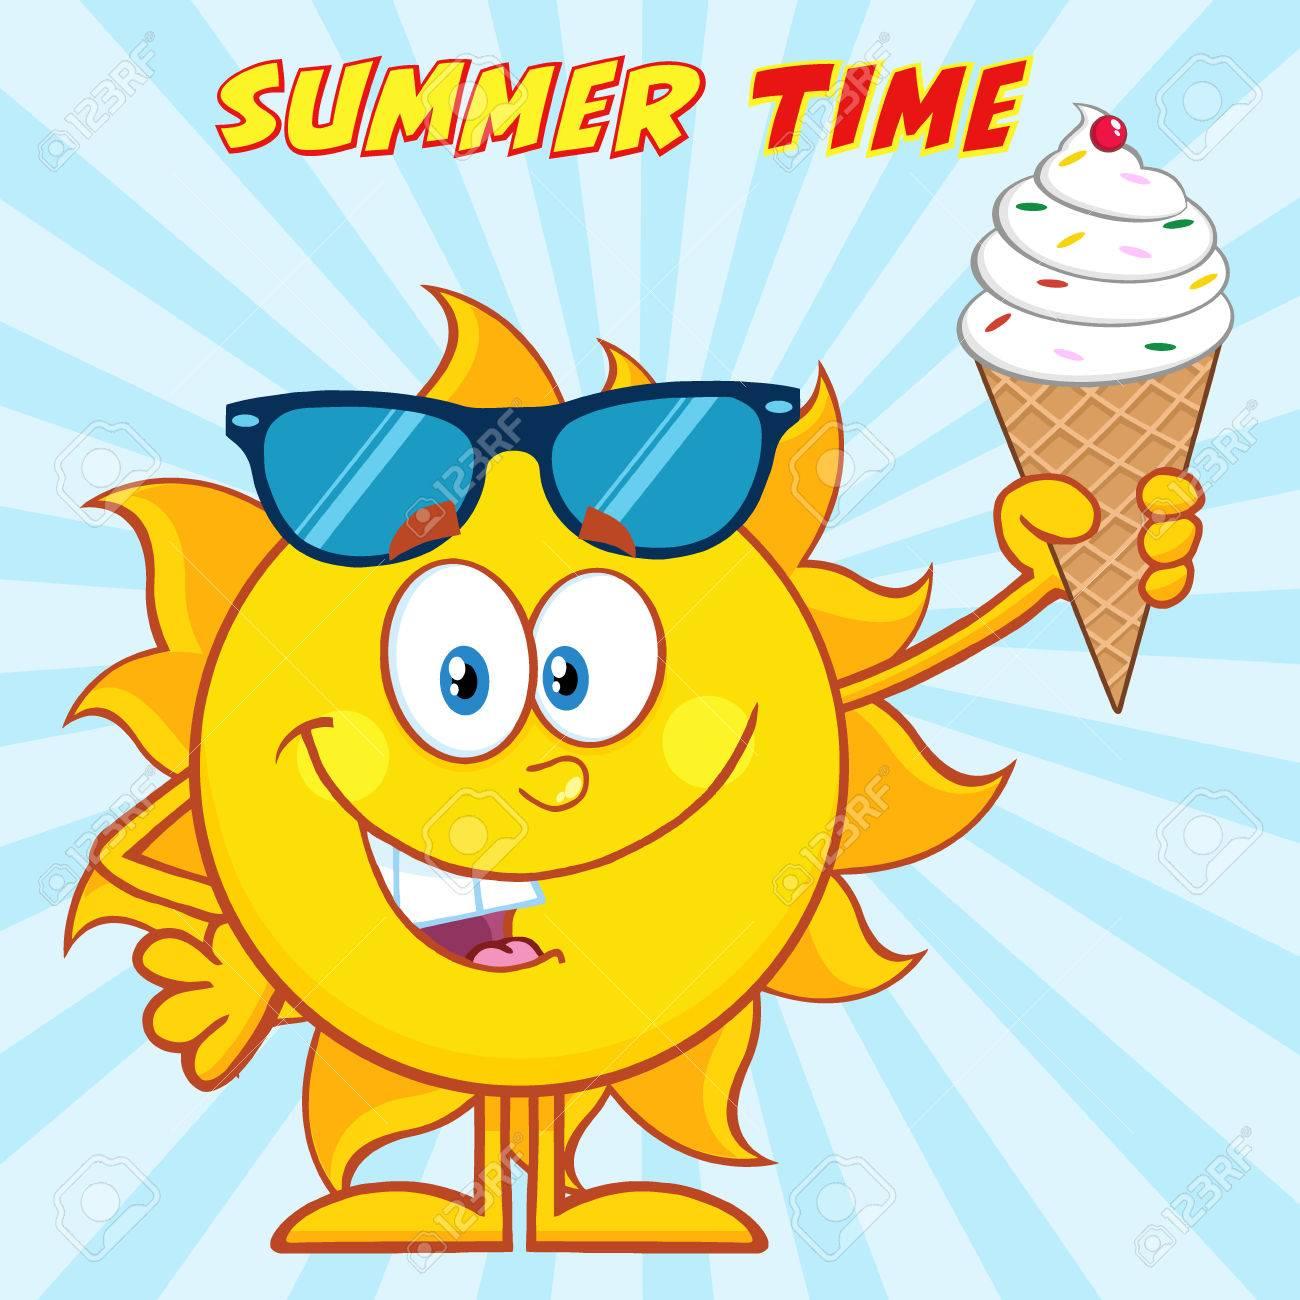 サングラスをかけたアイスクリームを保持しているかわいい太陽の漫画の